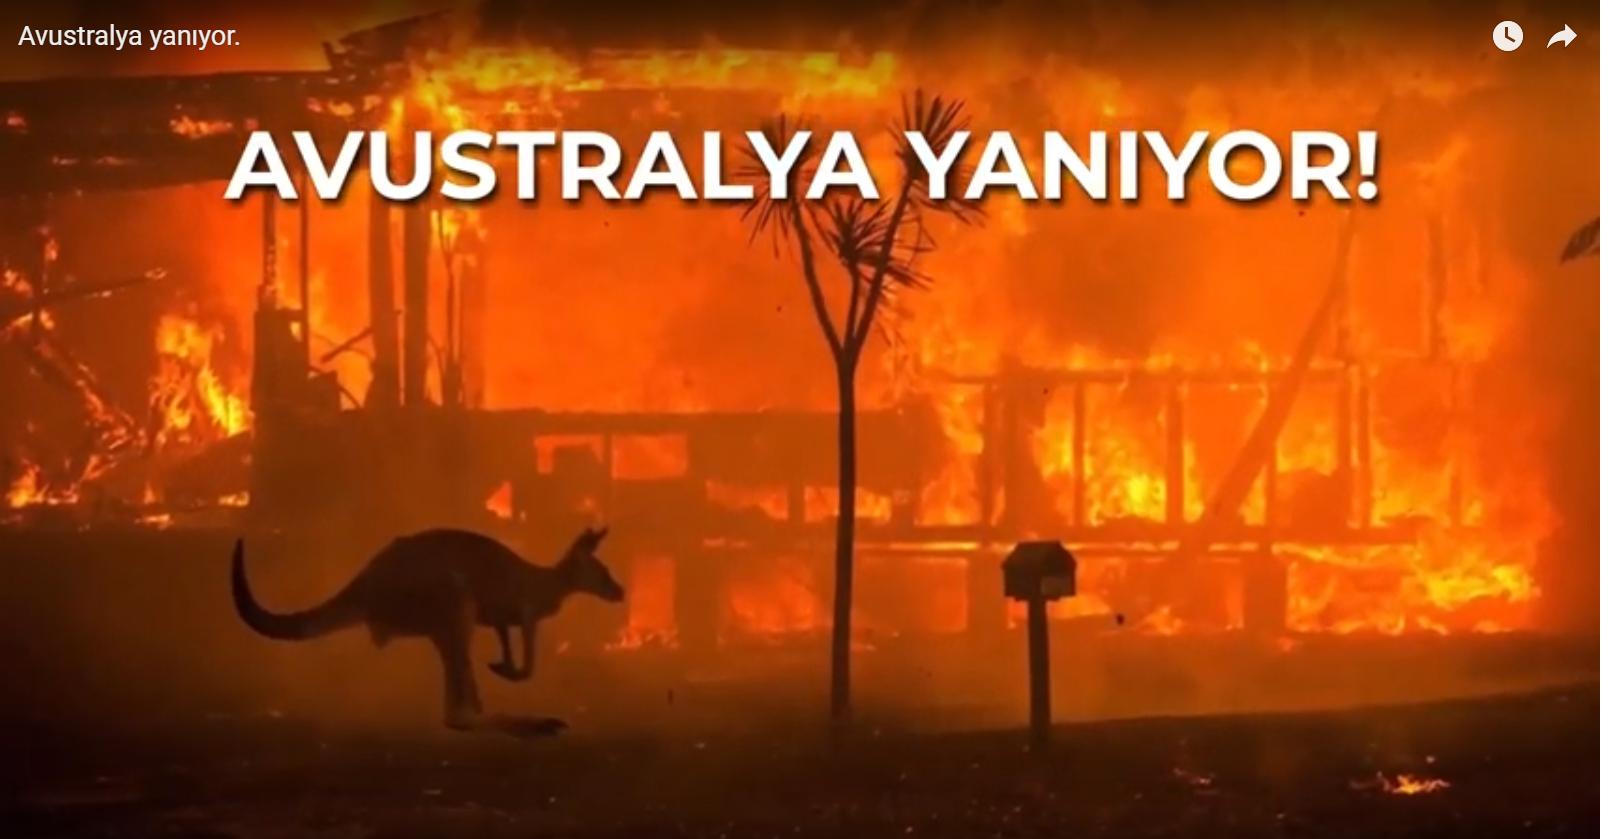 Avustralya Yanıyor.